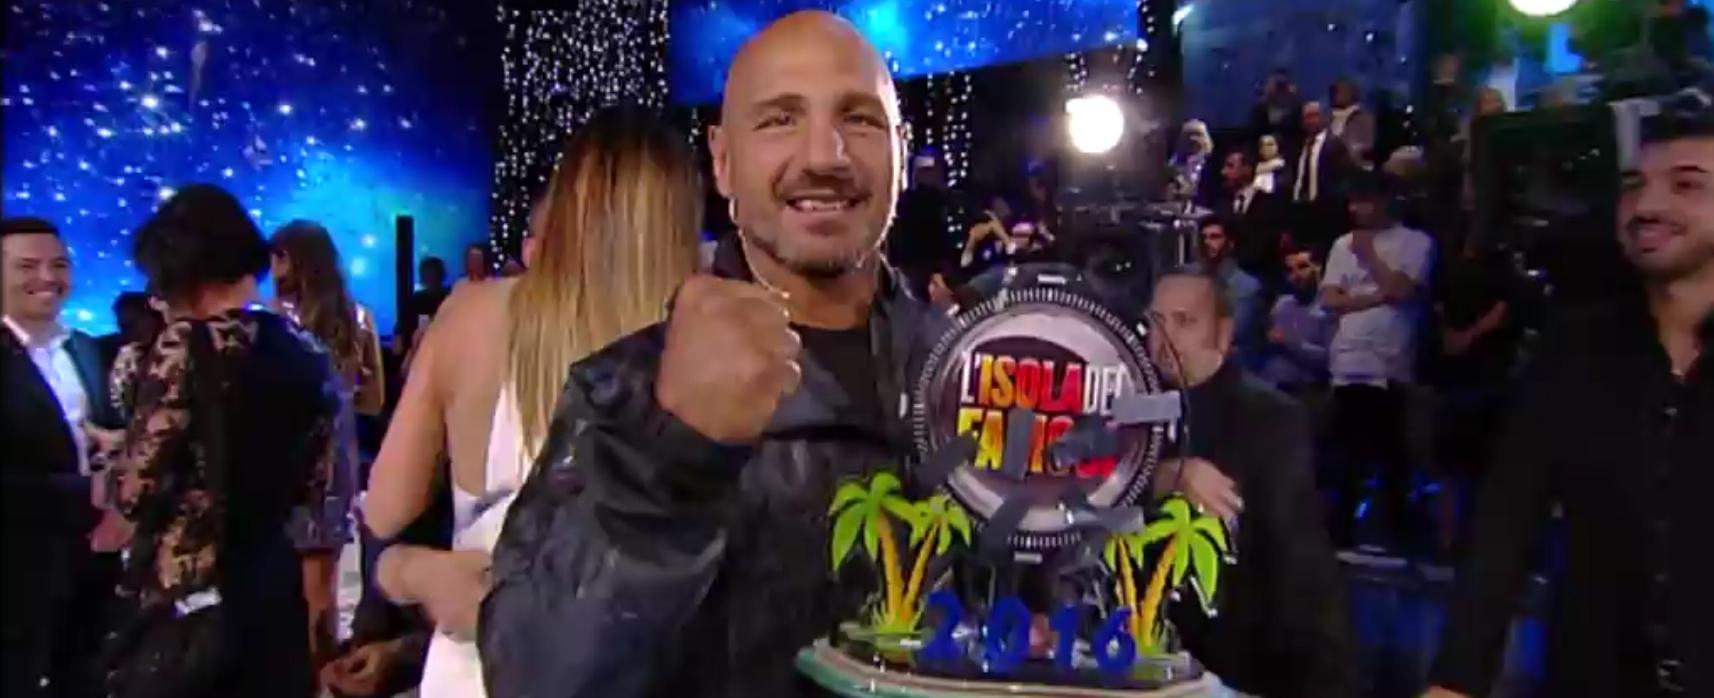 Si è conclusa l'edizione 2016 dell'Isola dei Famosi, il reality show più avventuroso della TV italiana. La finalissima è stata come sempre condotta da Alessia Marcuzzi, supportata dagli opinionisti Mara […]